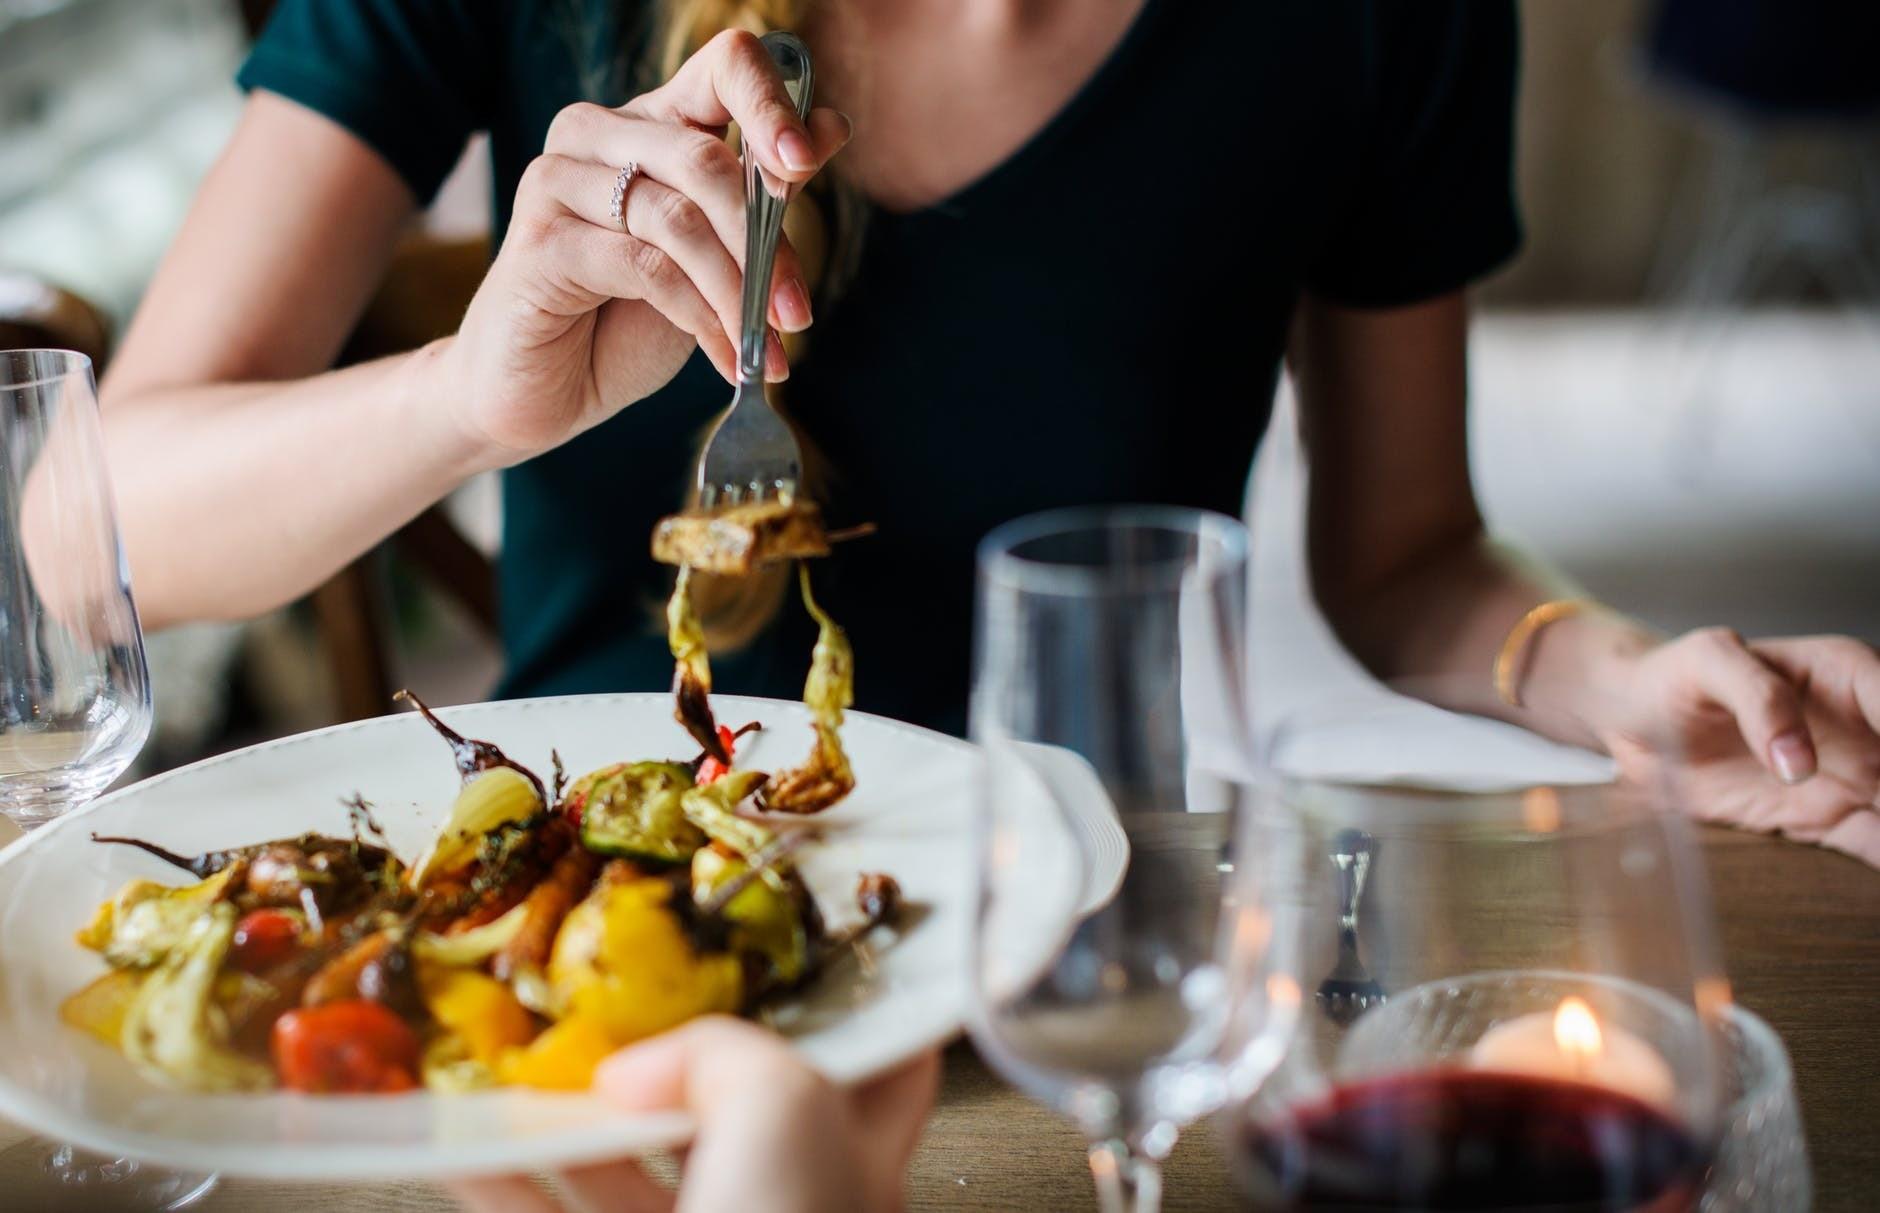 Почему нельзя переедать во время ужина? Объясняет диетолог